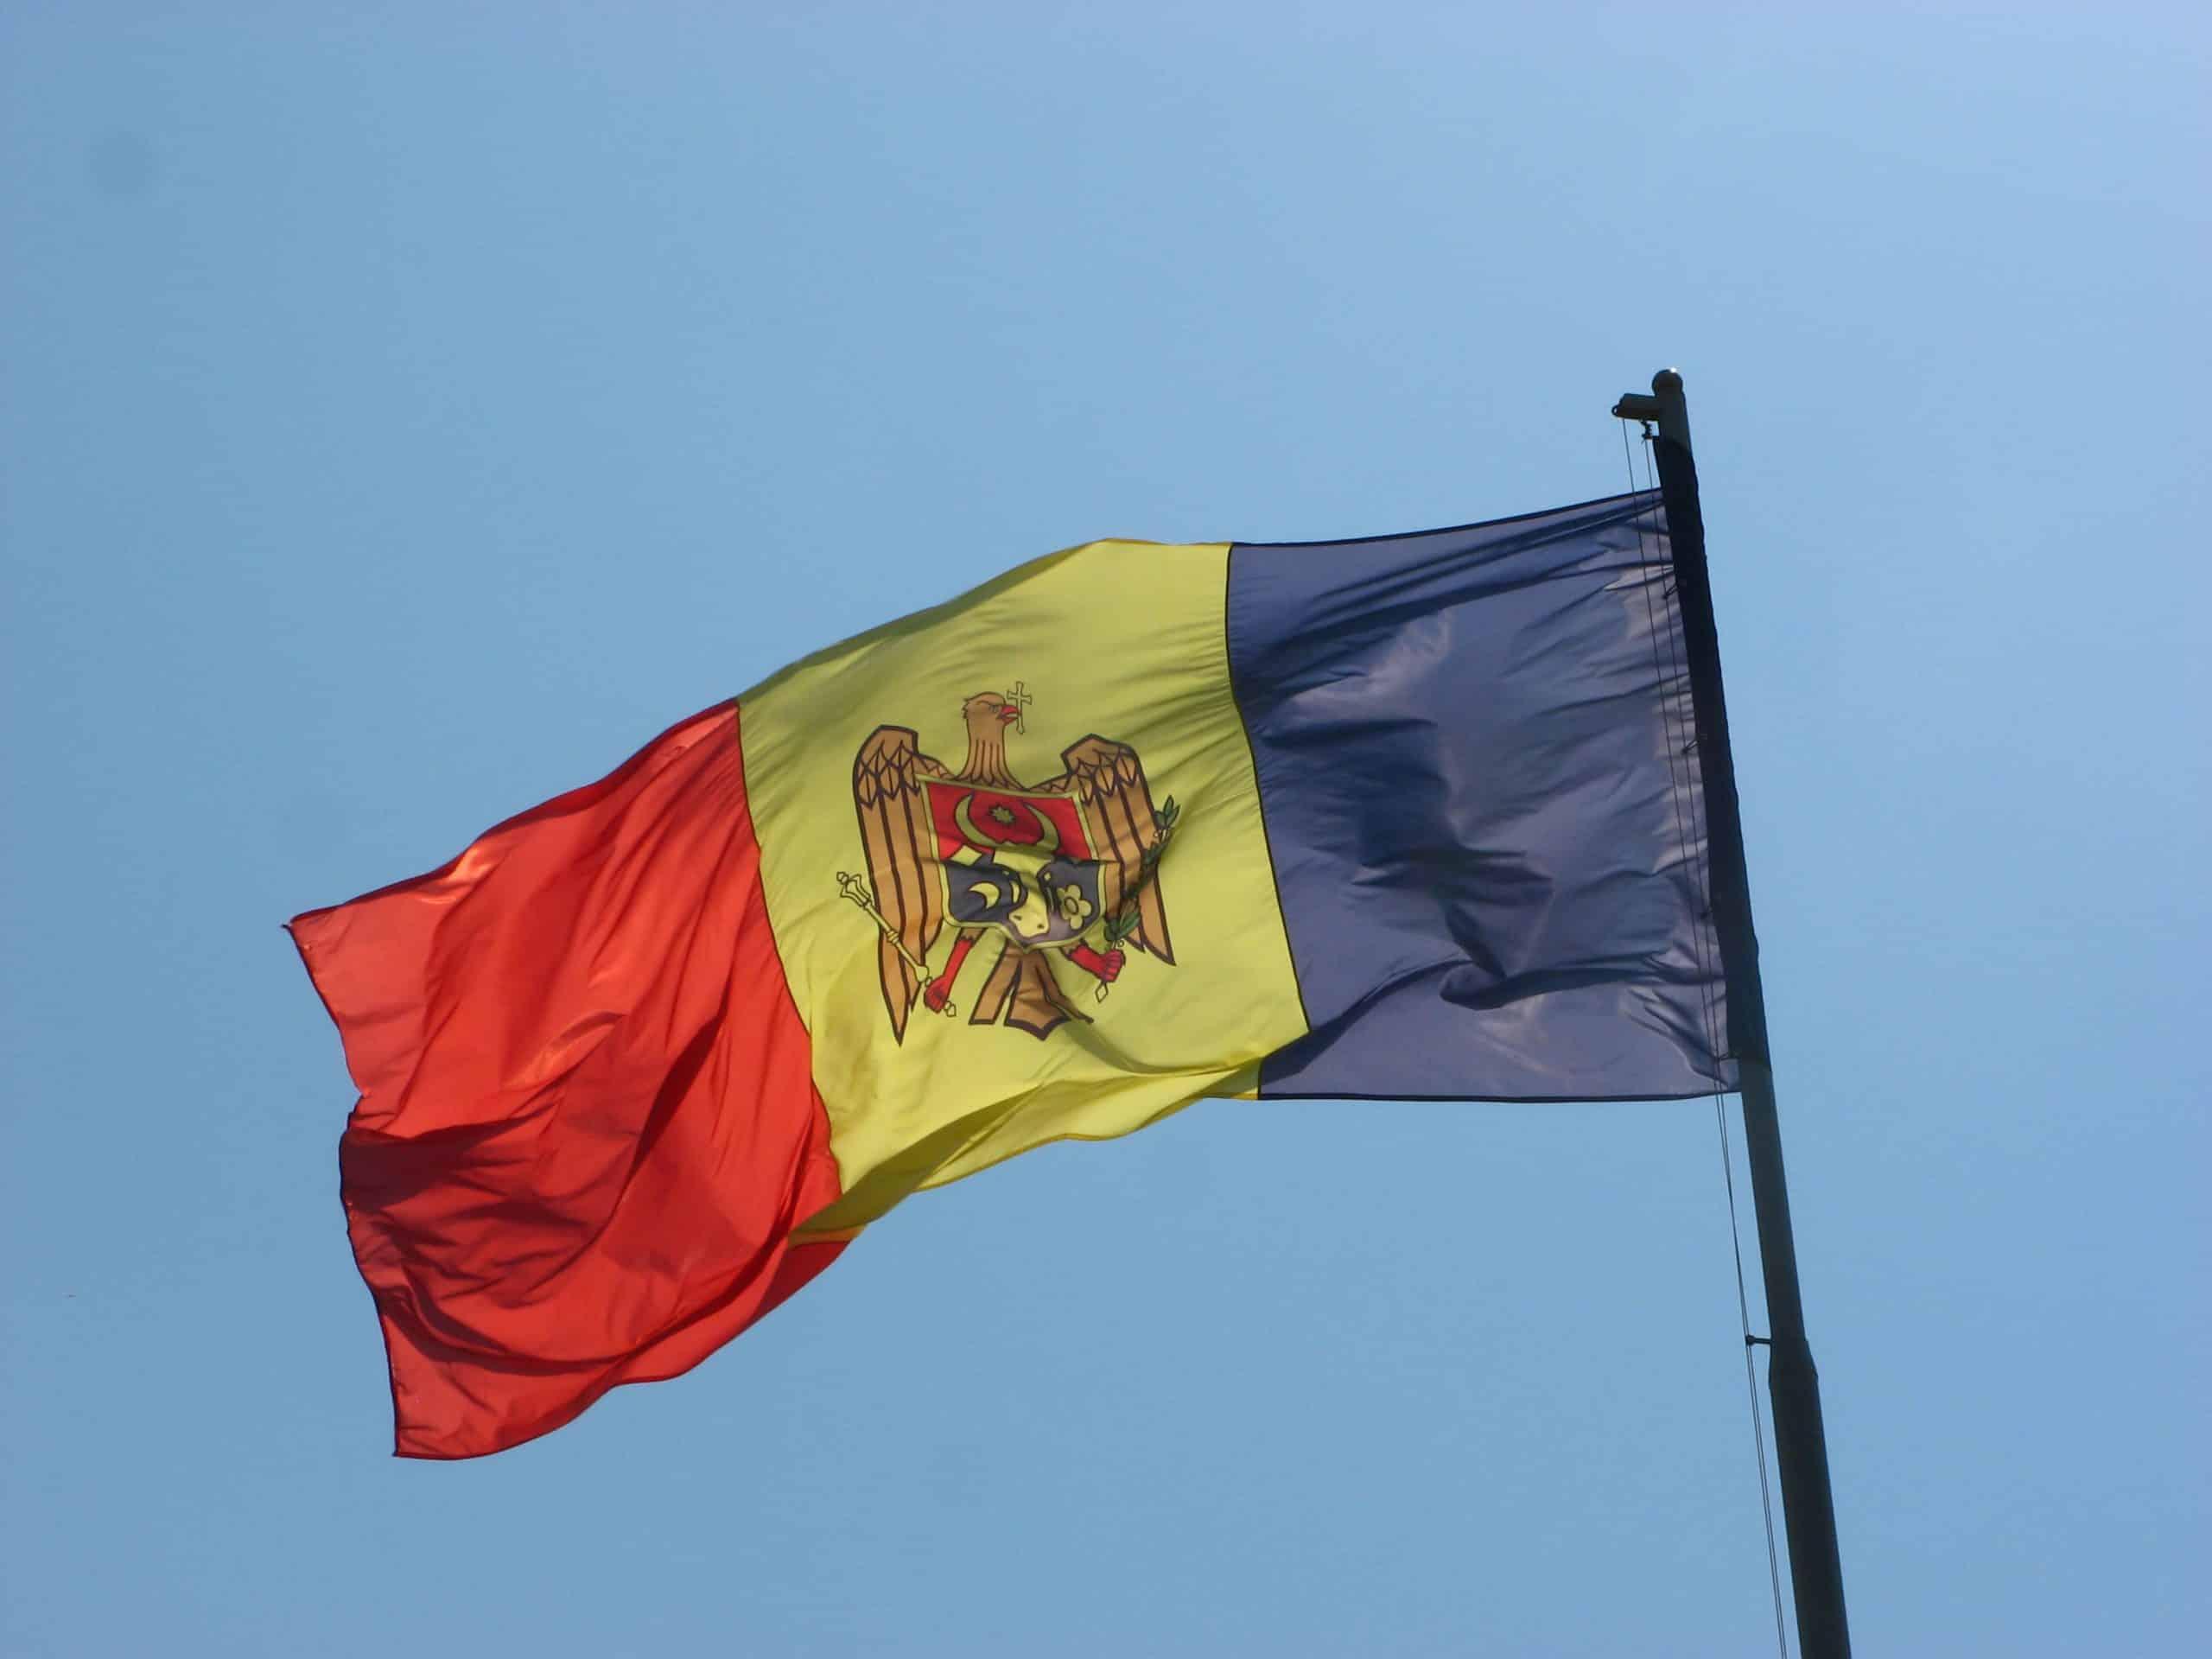 Statistici îngrijorătoare care atestă falimentul firmelor din Republica Moldova și pierderea locurilor de muncă